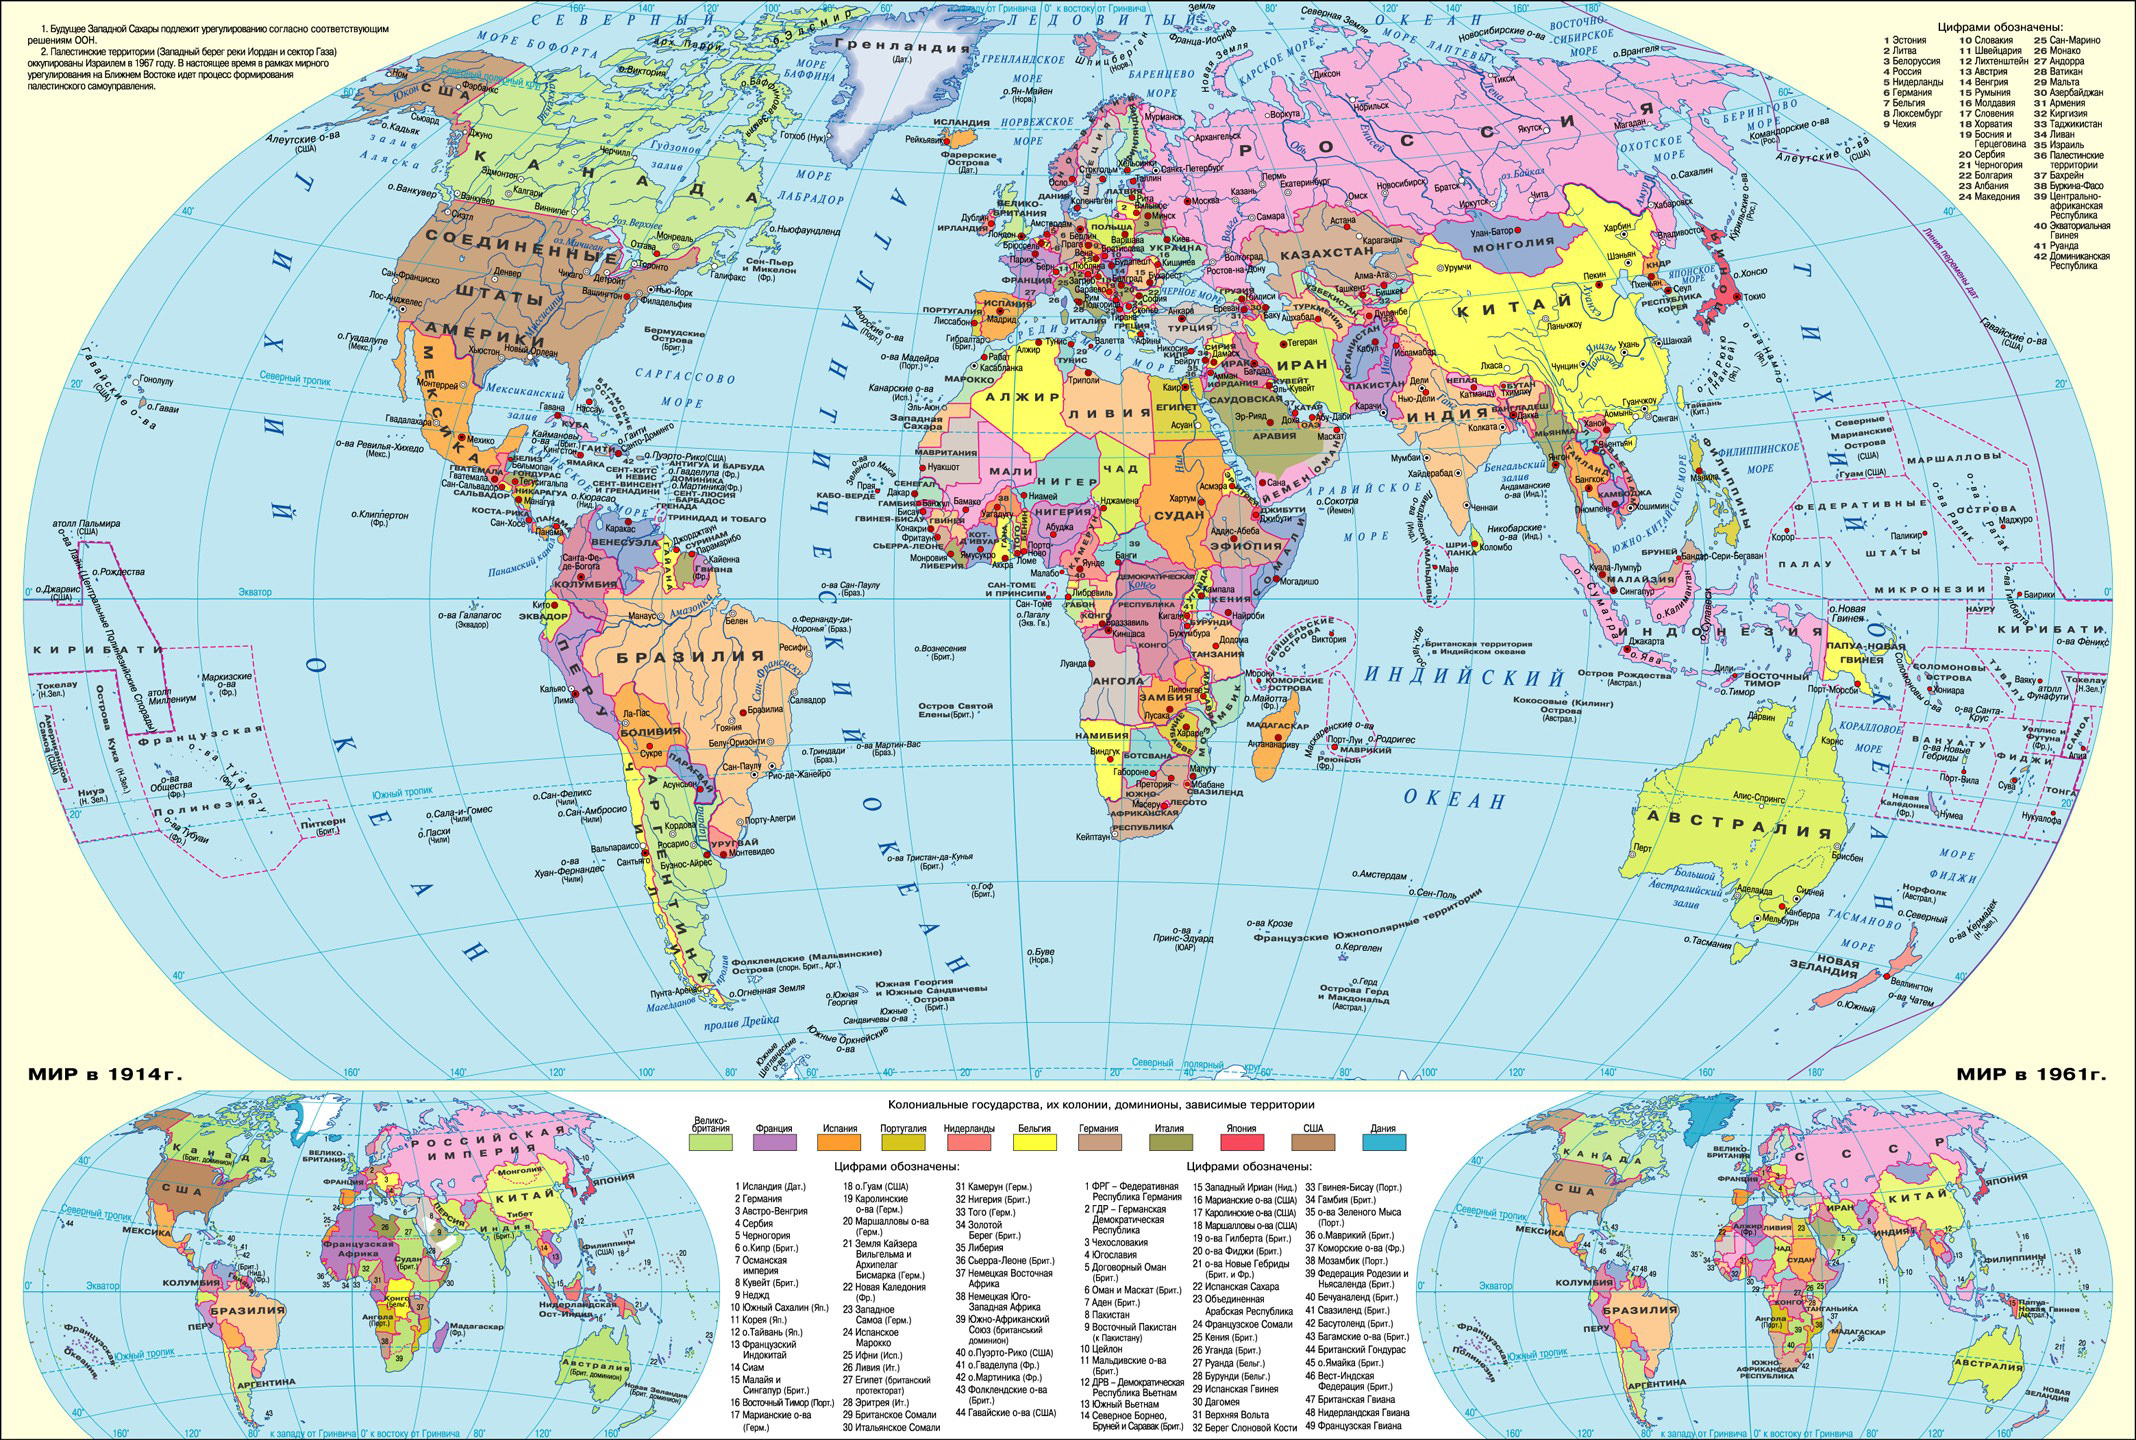 Аль-Марджан ОАЭ карта мира картинка высок разрешен размещения: